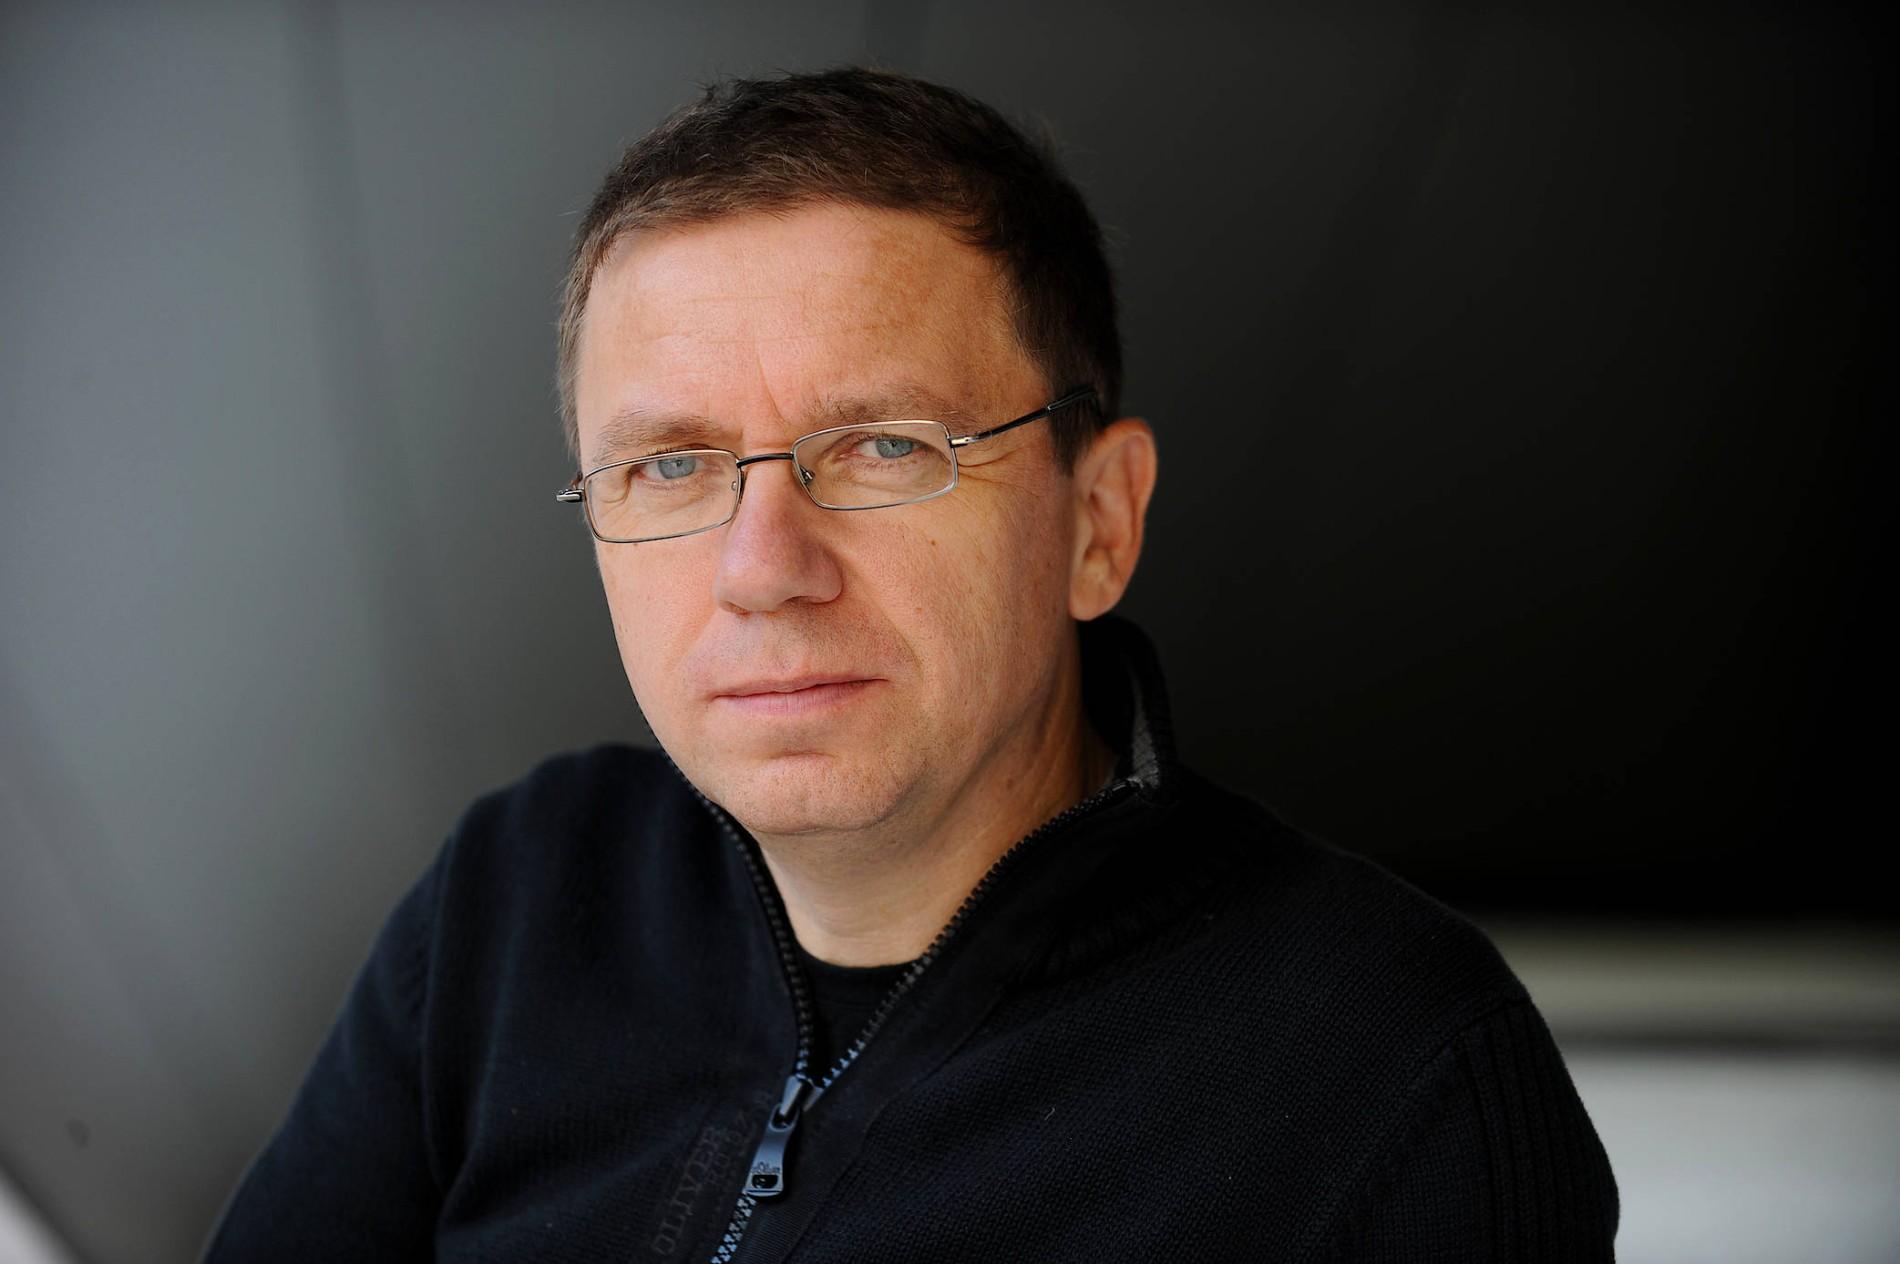 Frankfurter Anthologie Norbert Hummelt Fegefeuer